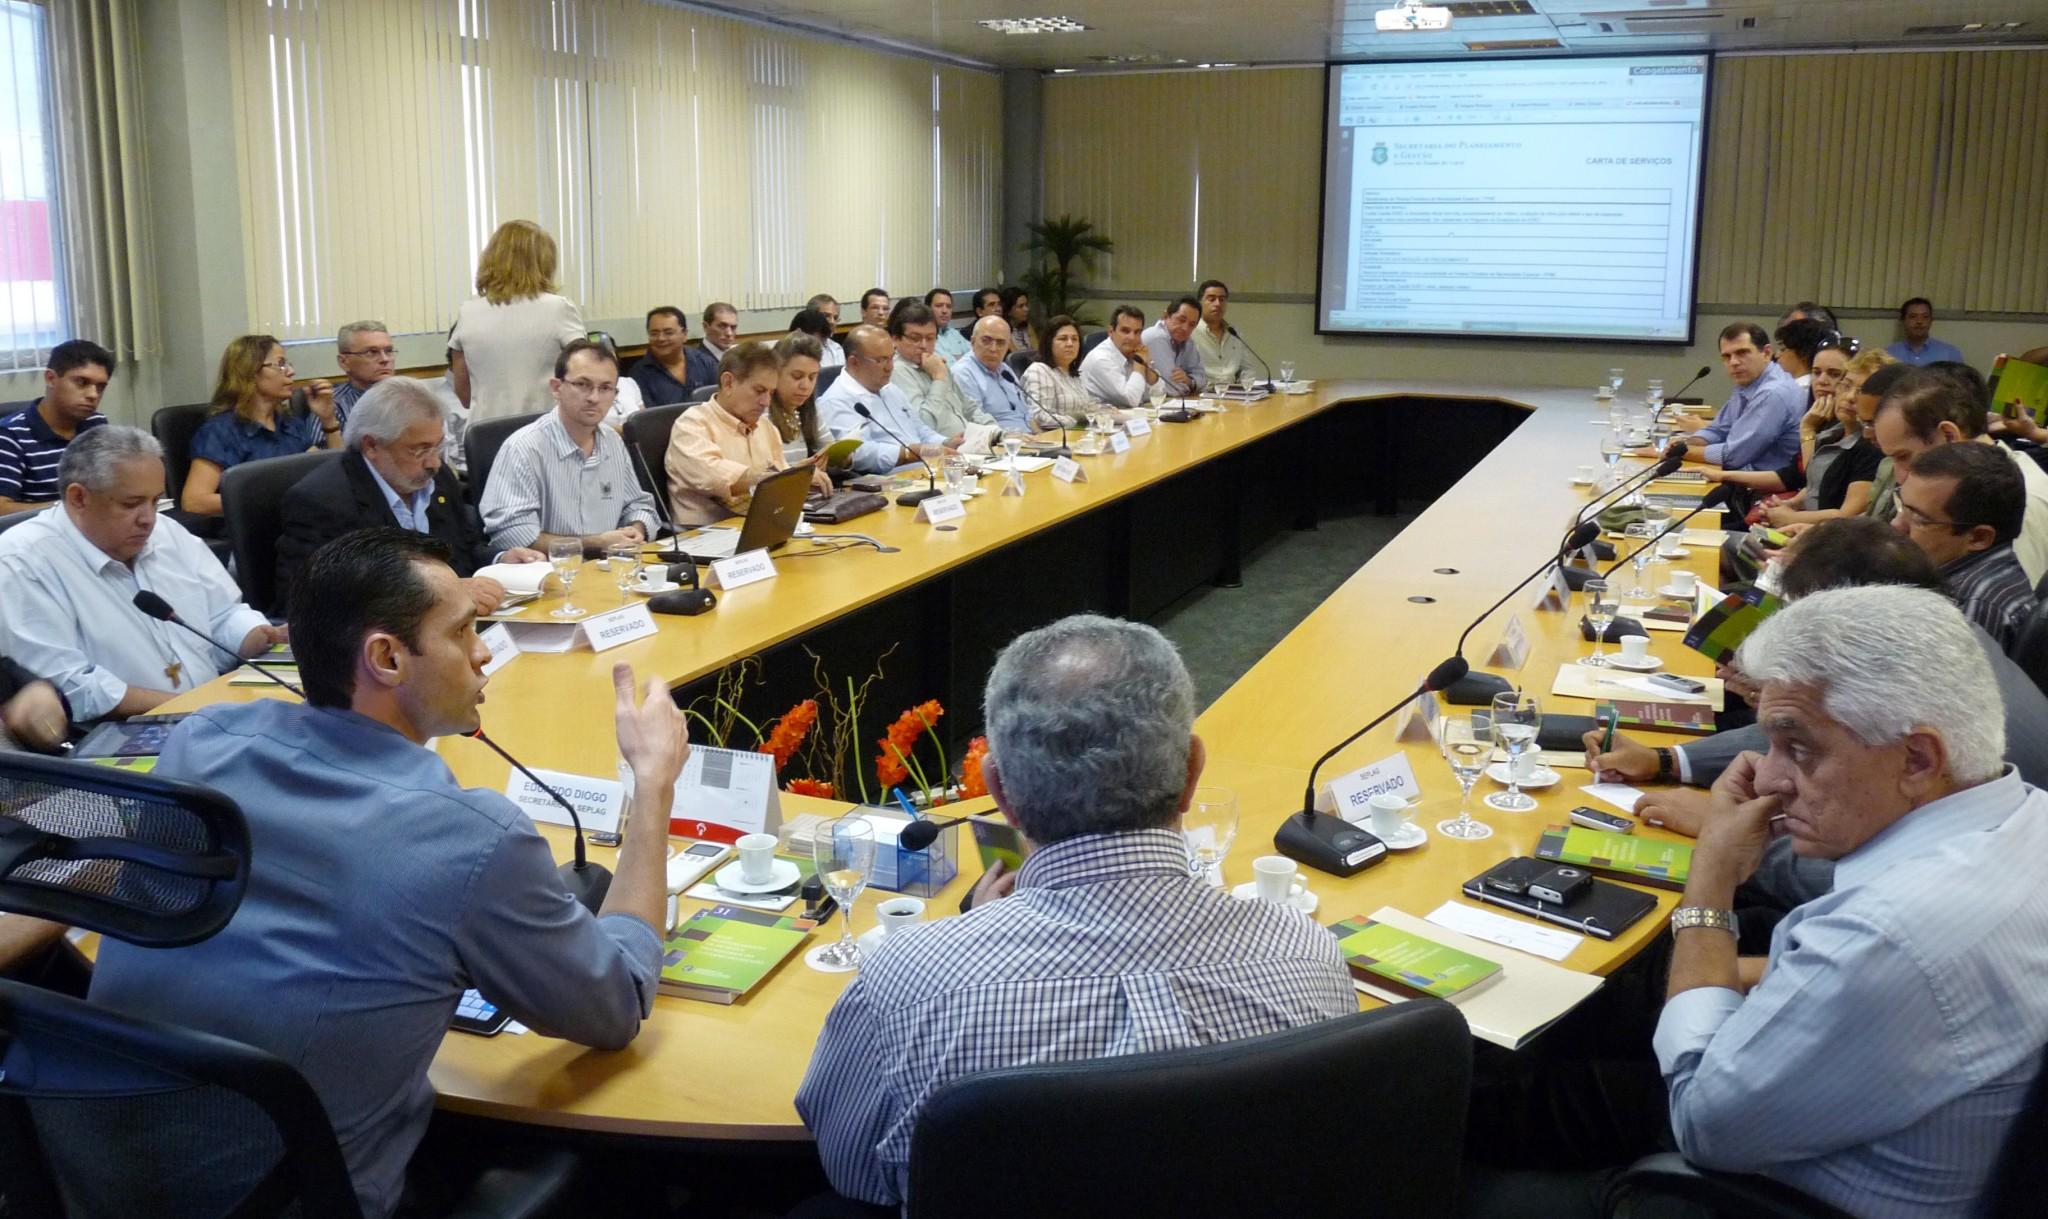 Catálogo Elatrônico de Serviços do Estado do Ceará vai aumentar satisfação do cidadão